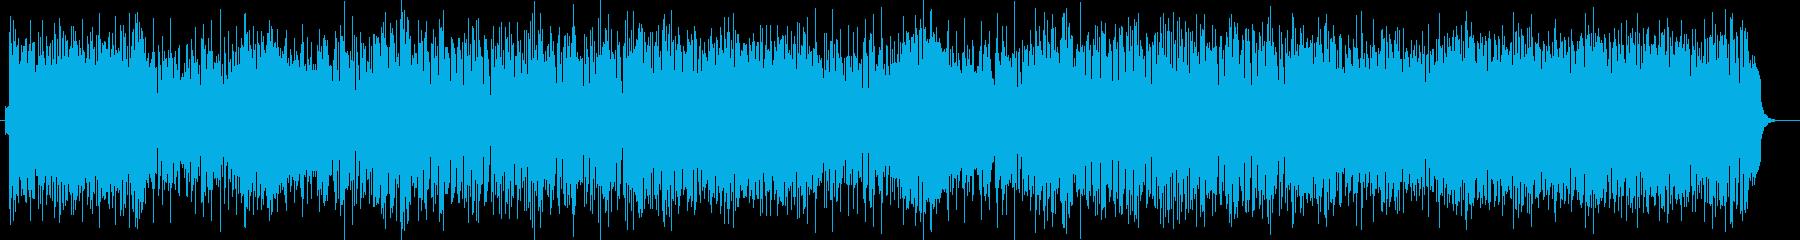 お洒落で現代的なミディアムテンポポップスの再生済みの波形